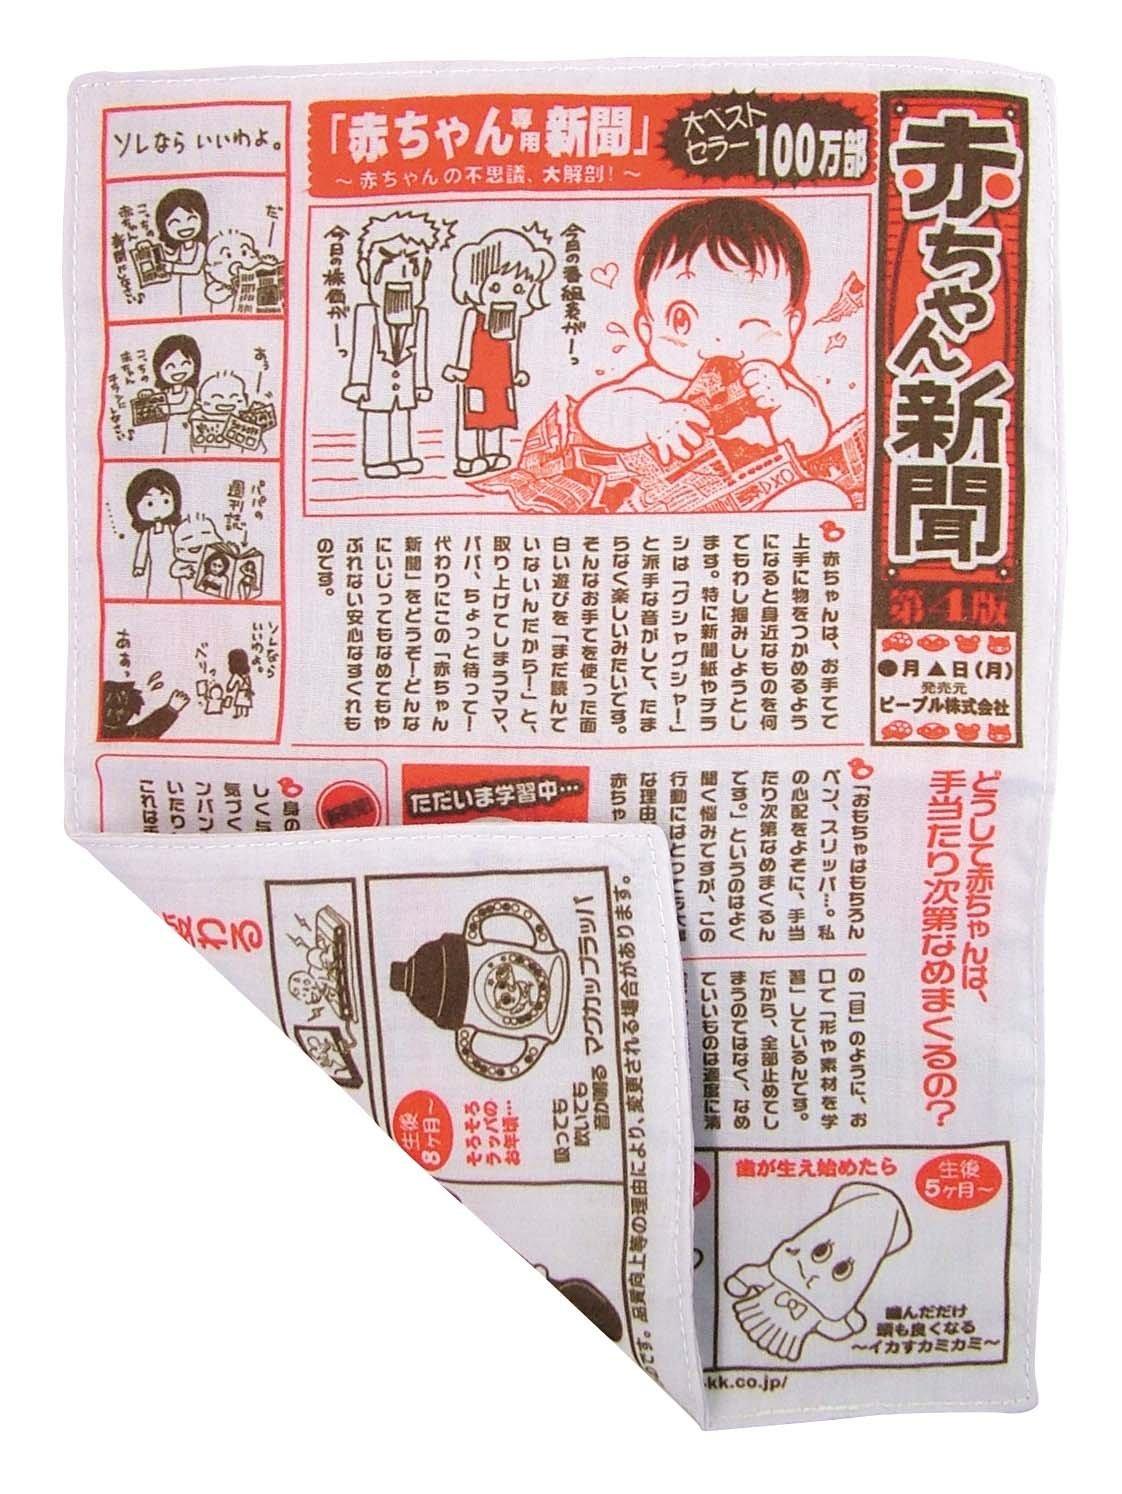 日本 People 寶寶專用報紙玩具 寶寶專用報紙玩具